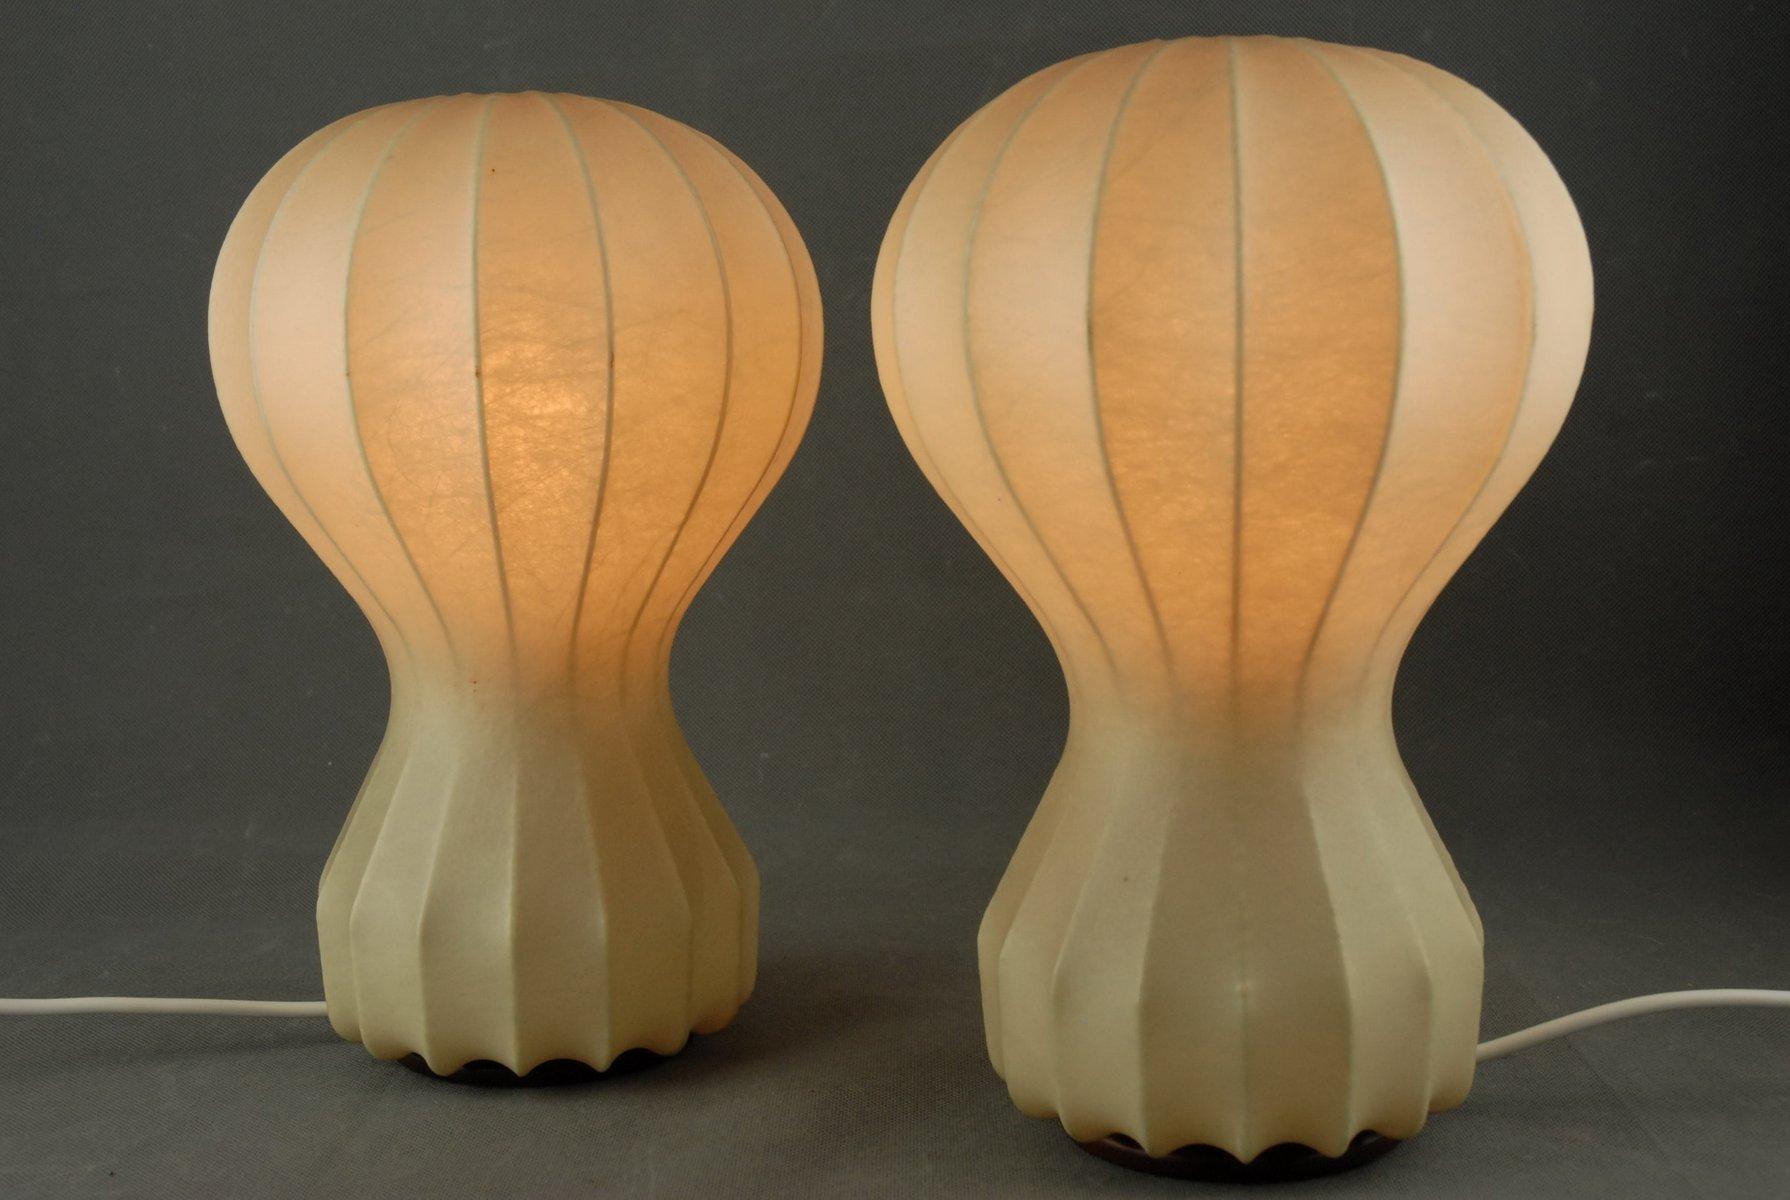 Gatto Piccolo Cocoon Tischlampen von Achille Castiglioni für Flos, 196...